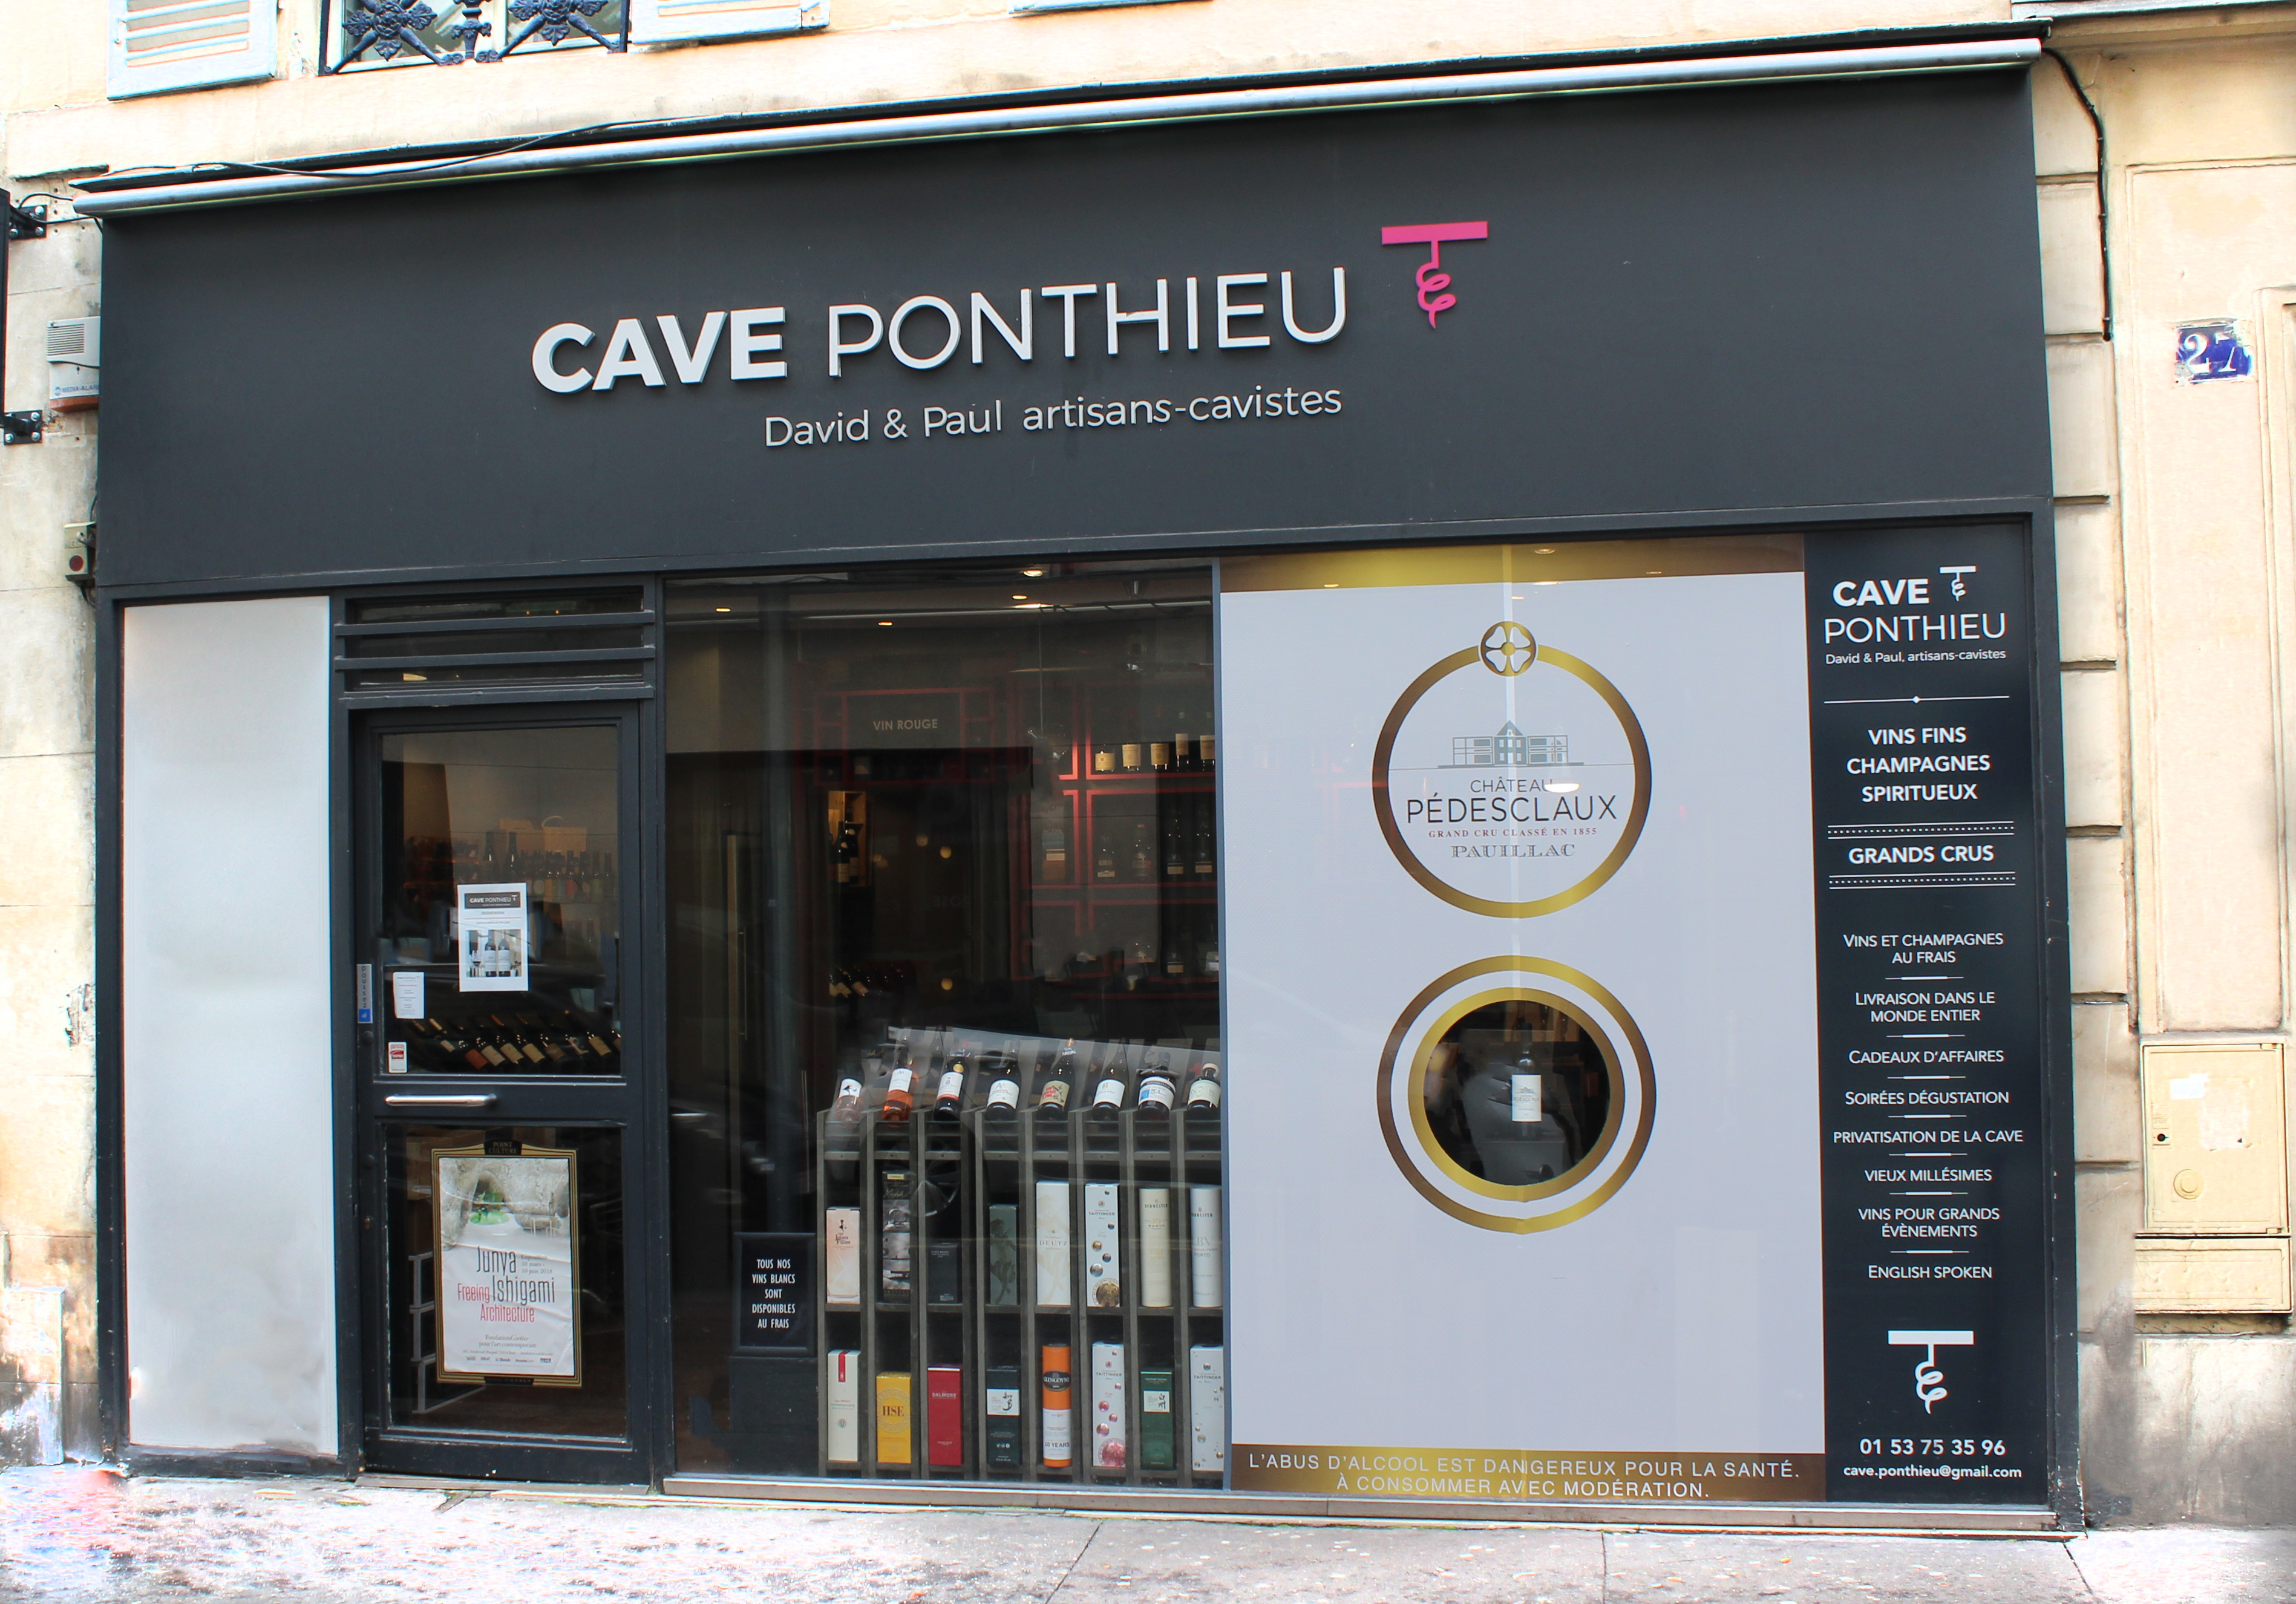 la cave Ponthieu campagne pédesclaux